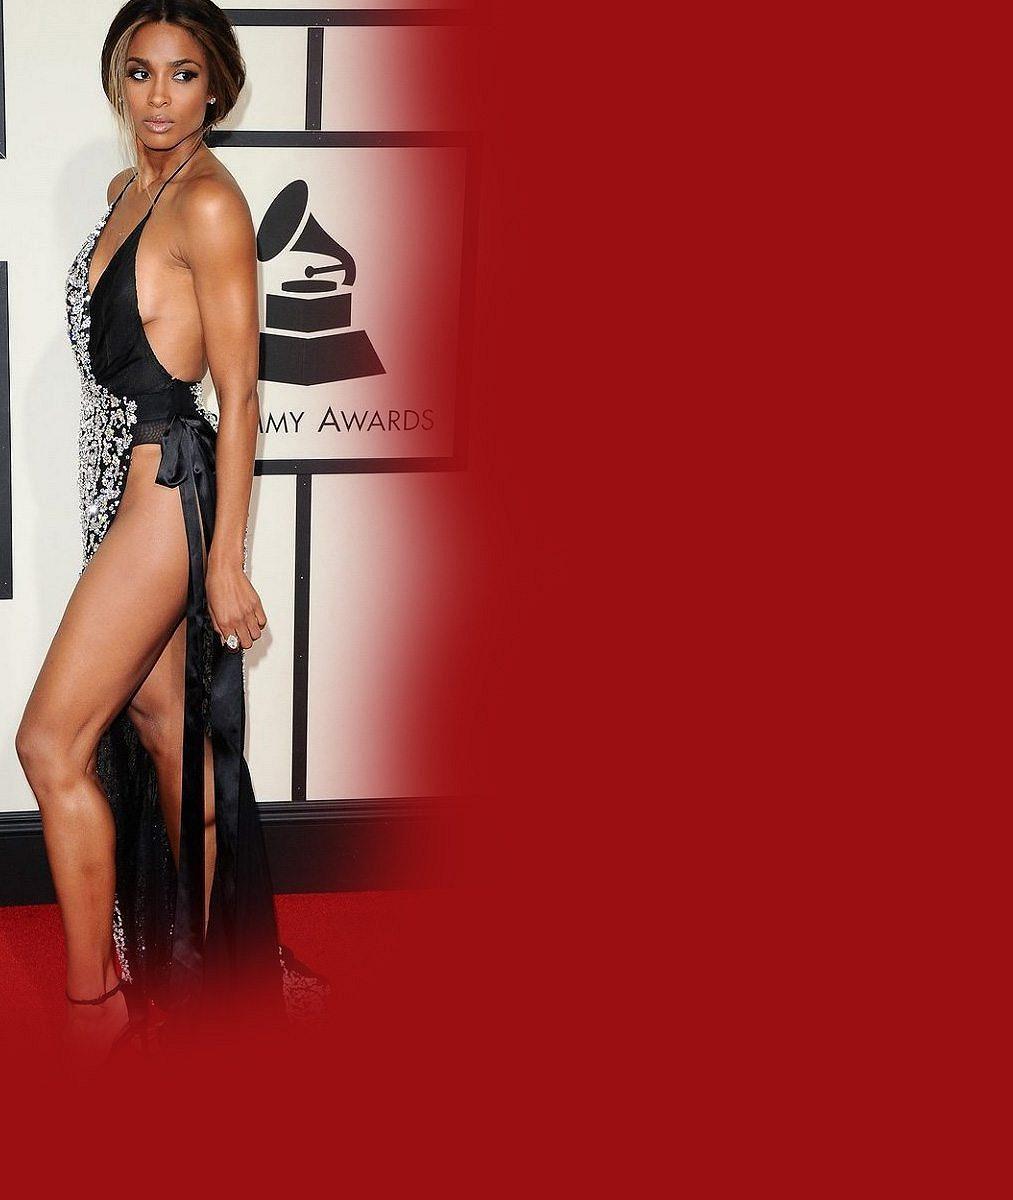 Nejodvážnější šaty z udílení cen Grammy: Sexy zpěvačka poodhalila ňadra i výstavní stehýnko